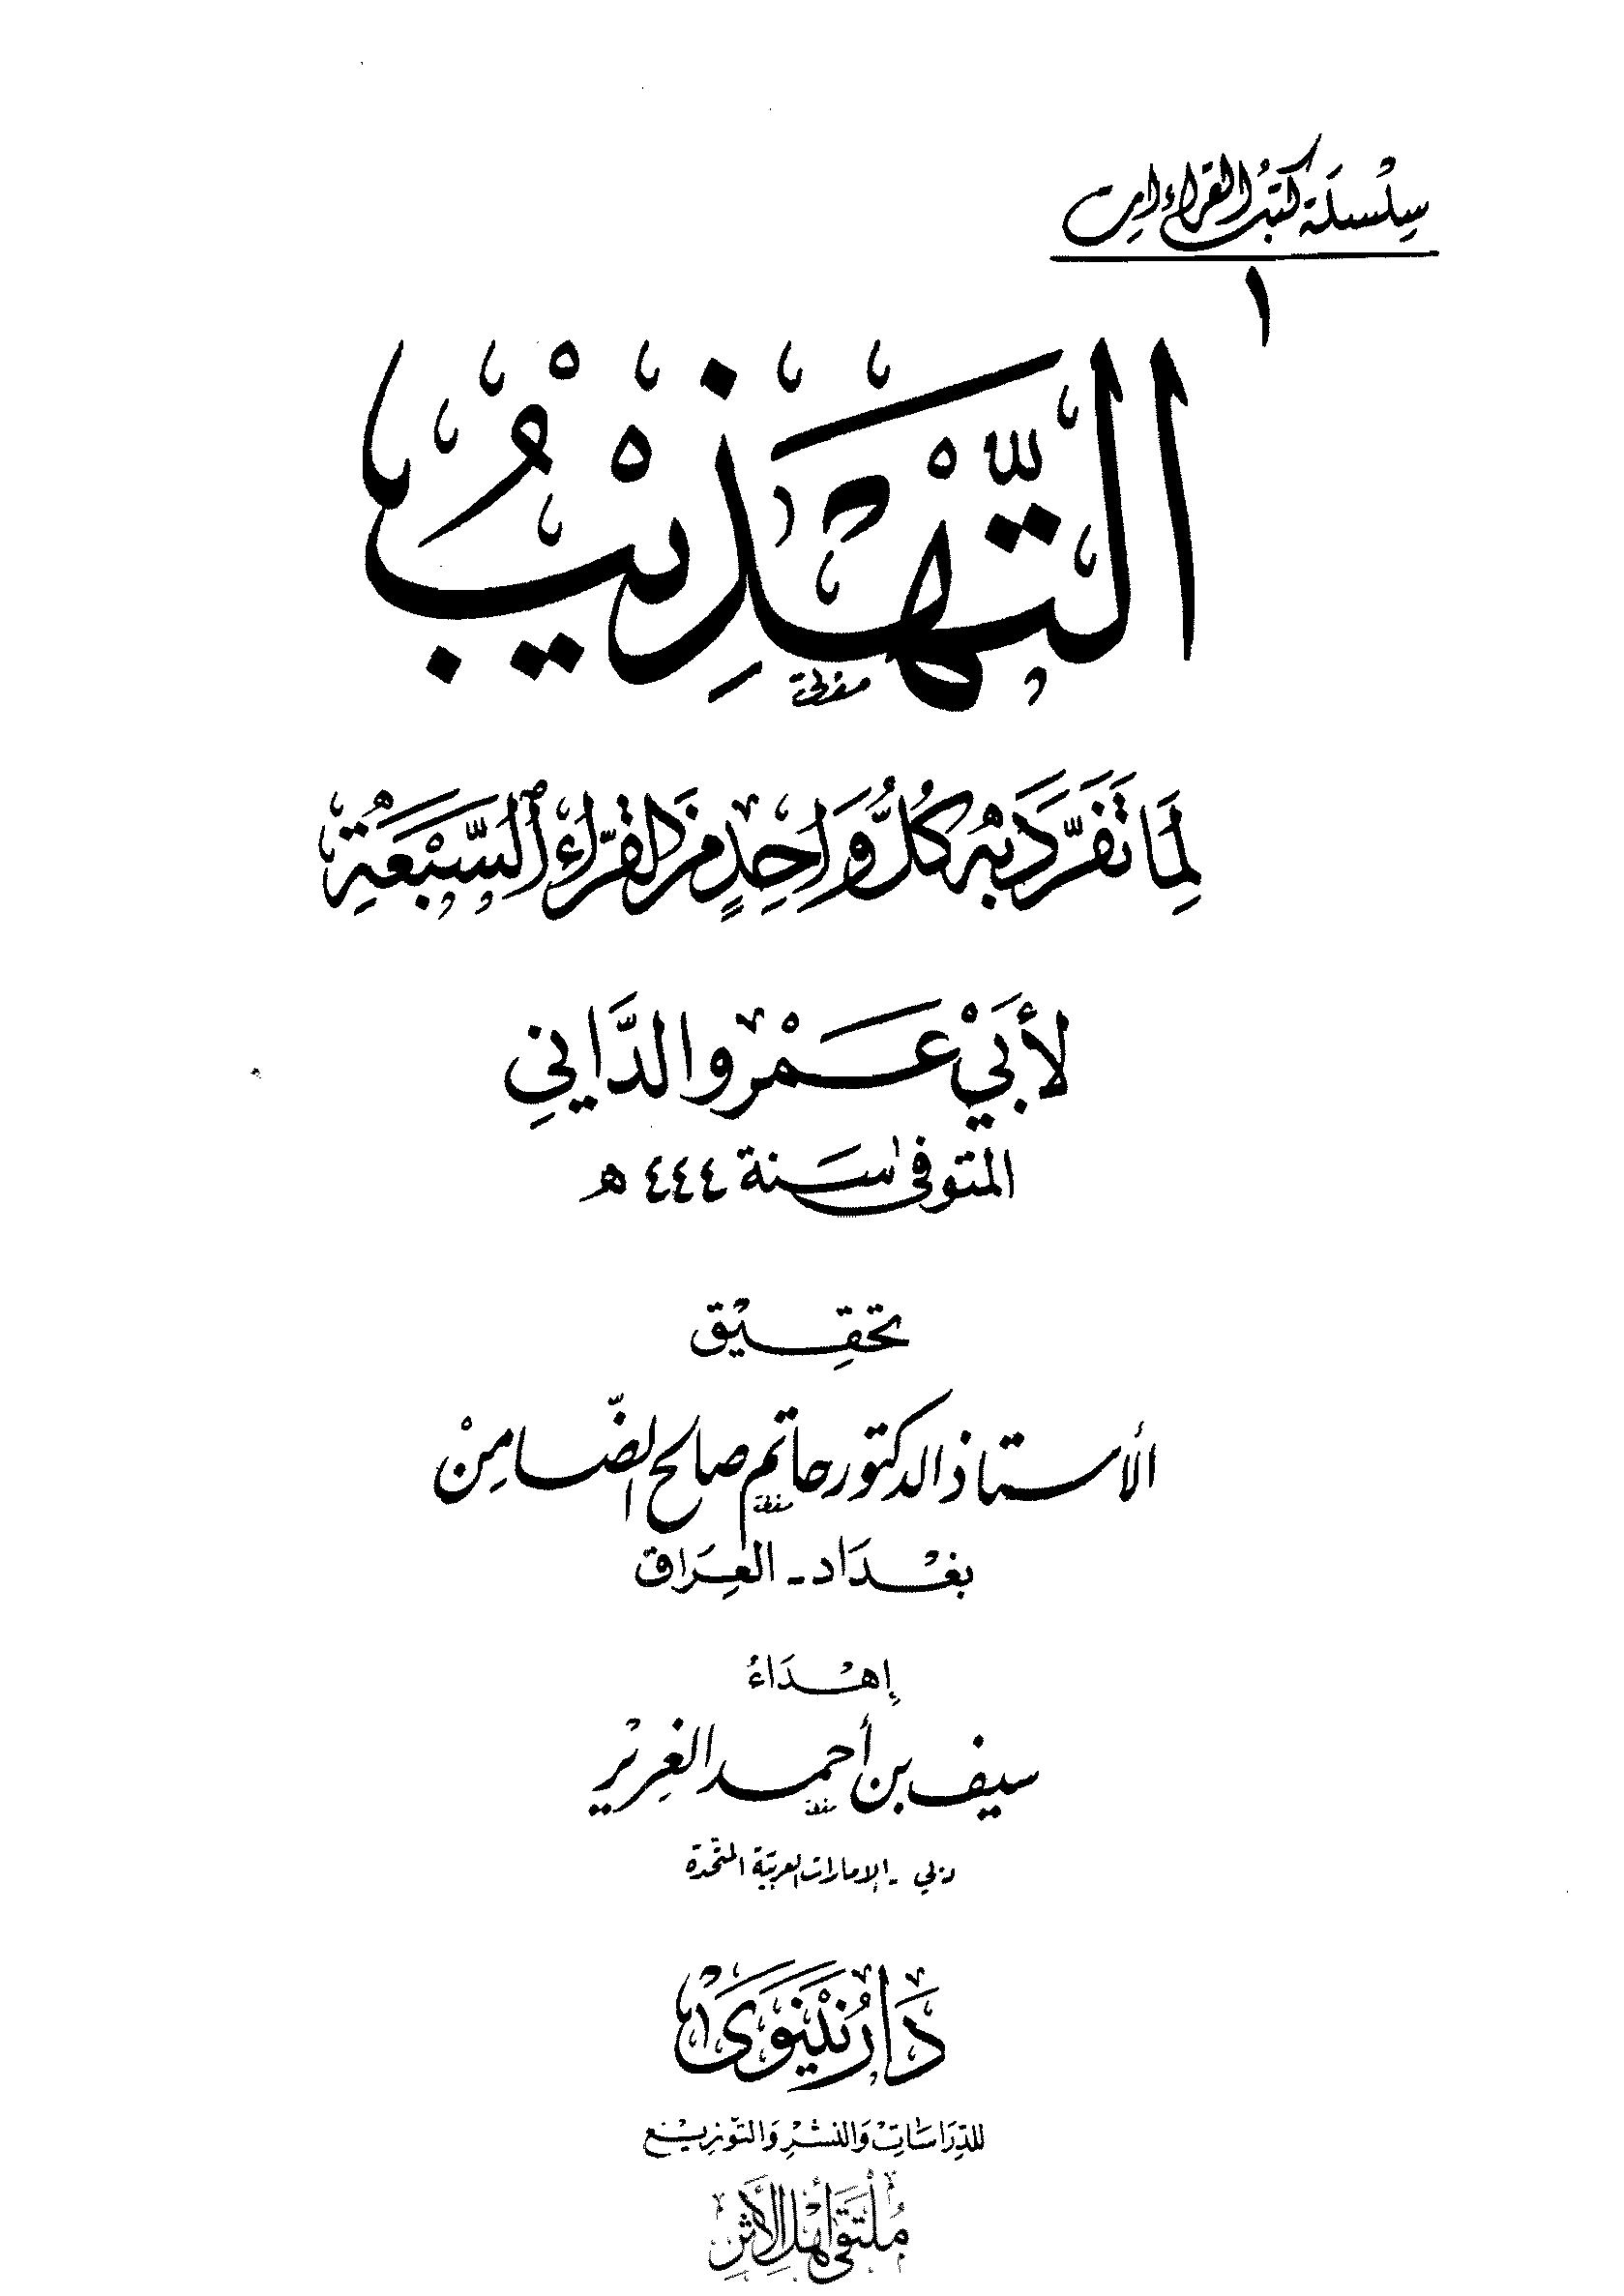 تحميل كتاب التهذيب لما تفرد به كل واحد من القراء السبعة لـِ: الإمام أبو عمرو عثمان بن سعيد بن عثمان بن عمر الداني (ت 444)